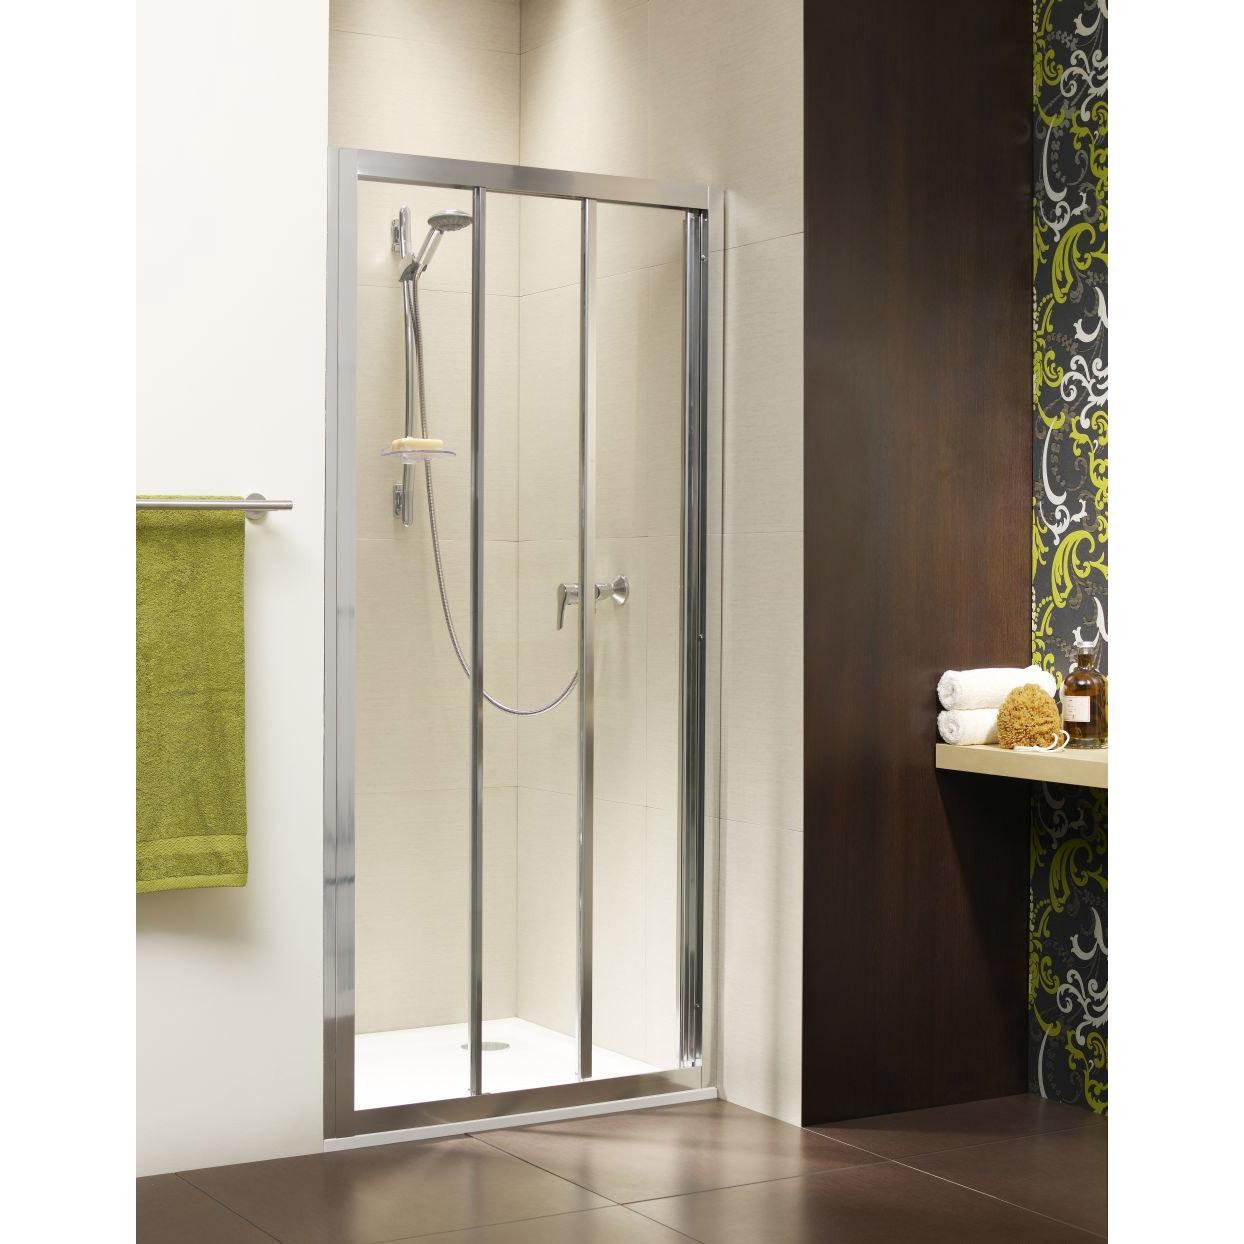 Душевая дверь Radaway Treviso DW 90 хром/фабрик душевая дверь radaway treviso dw 100 хром коричневое